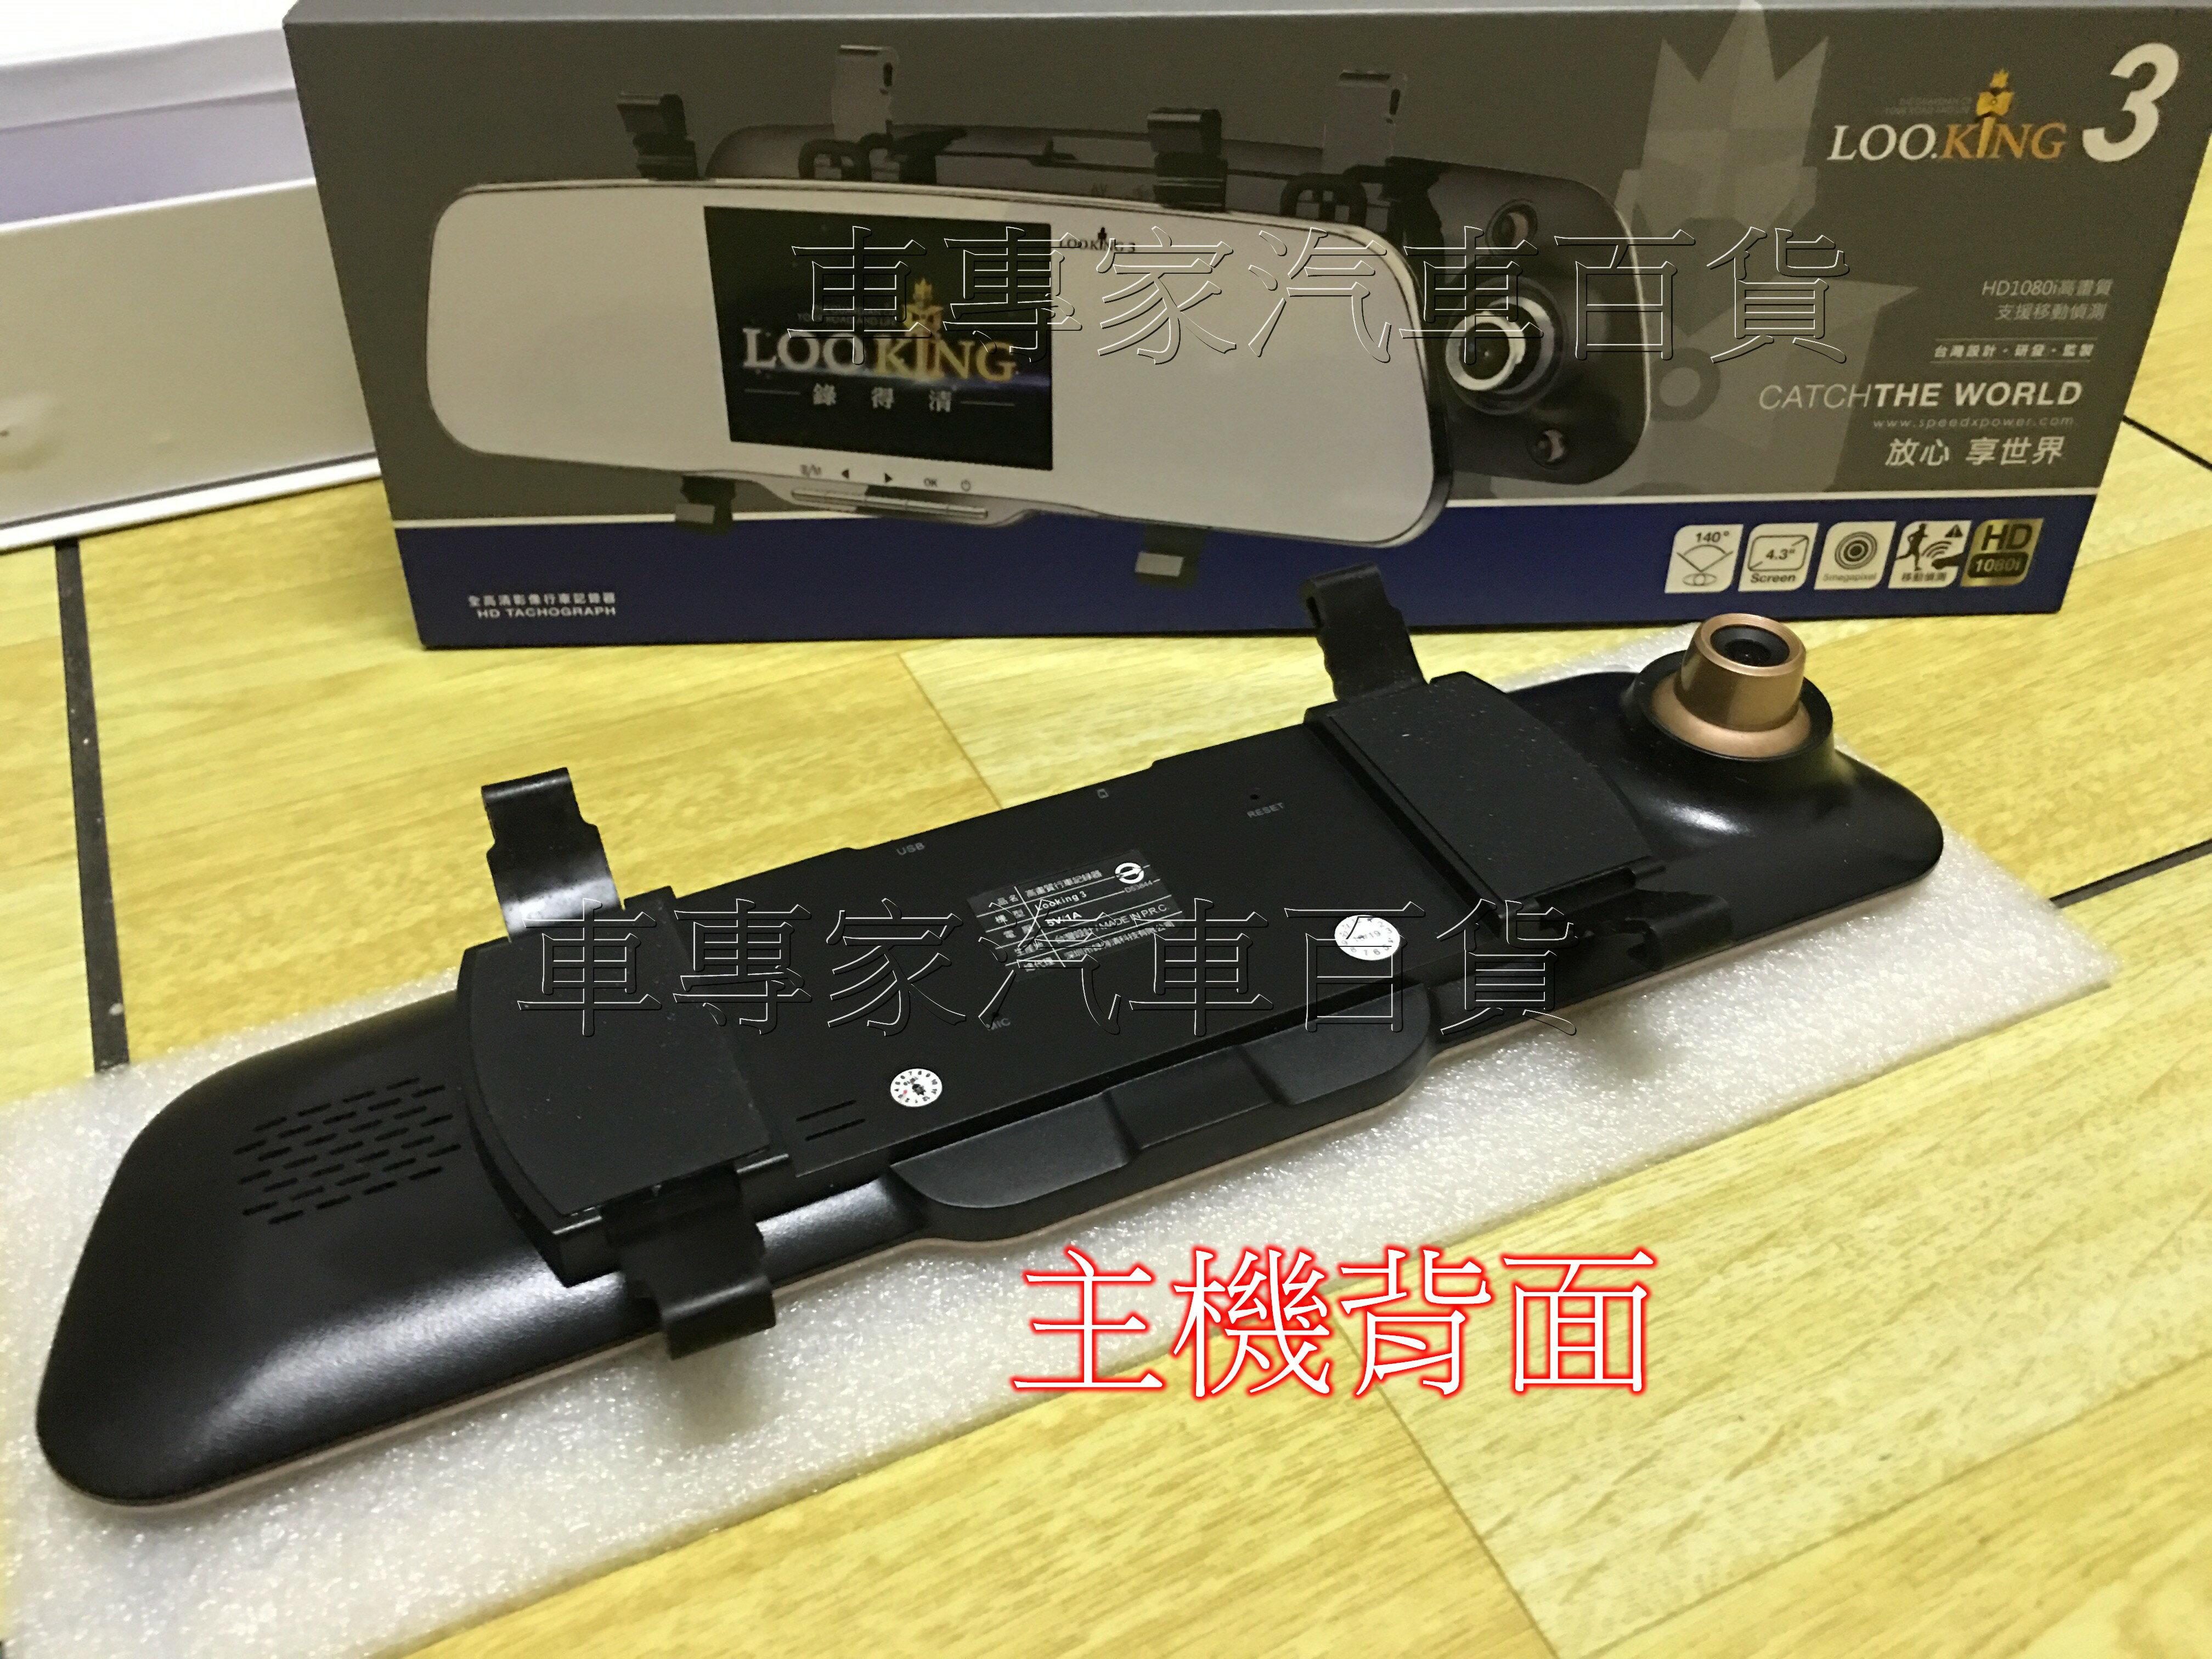 LOOKING3 錄得清 台灣品牌 專業製造 1080P 高清 單鏡頭 行車紀錄器 測速器 導航 抬頭顯示器 監視器 全家取件免運